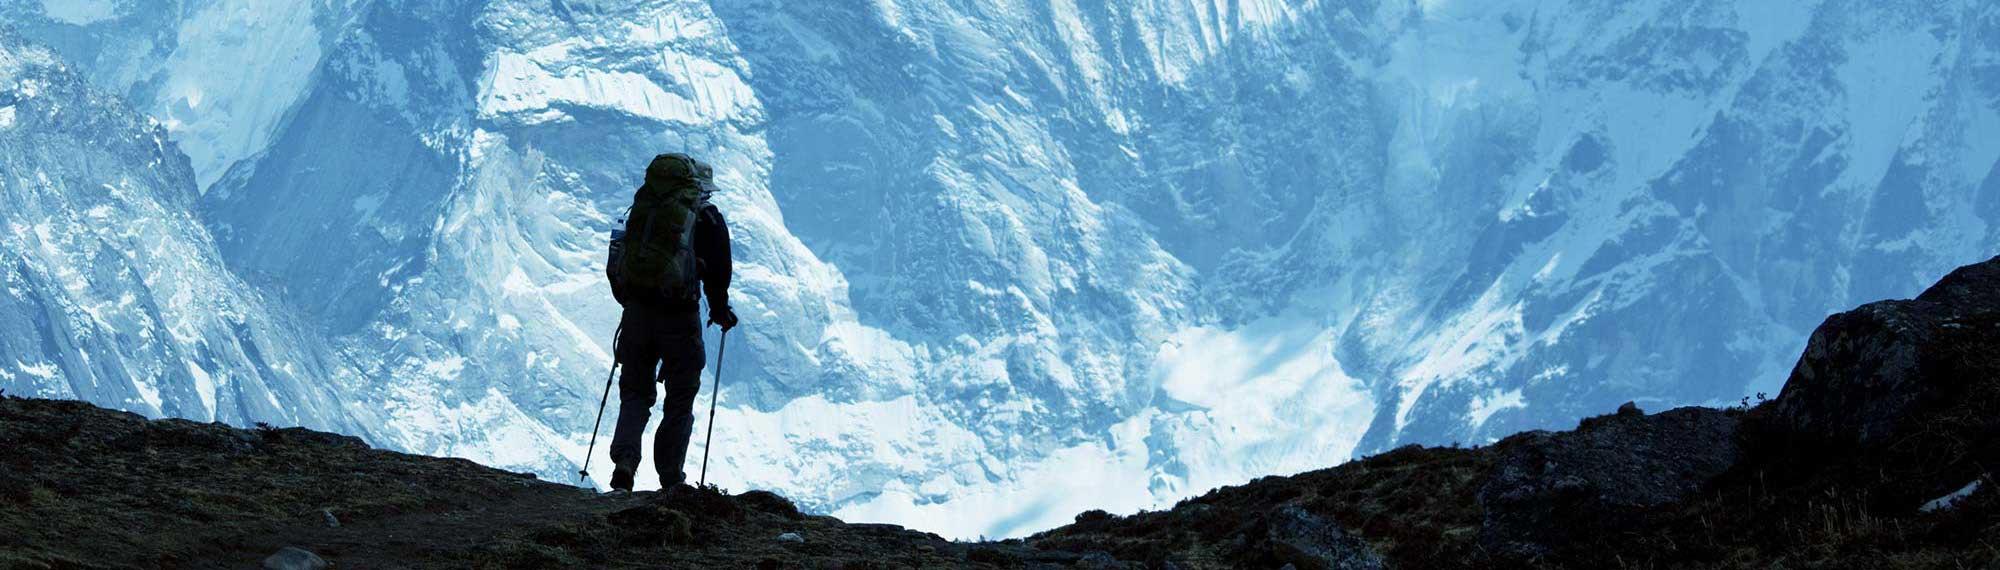 Panorama von einem Bergsteiger vor einer schneebedeckten Felslandschaft